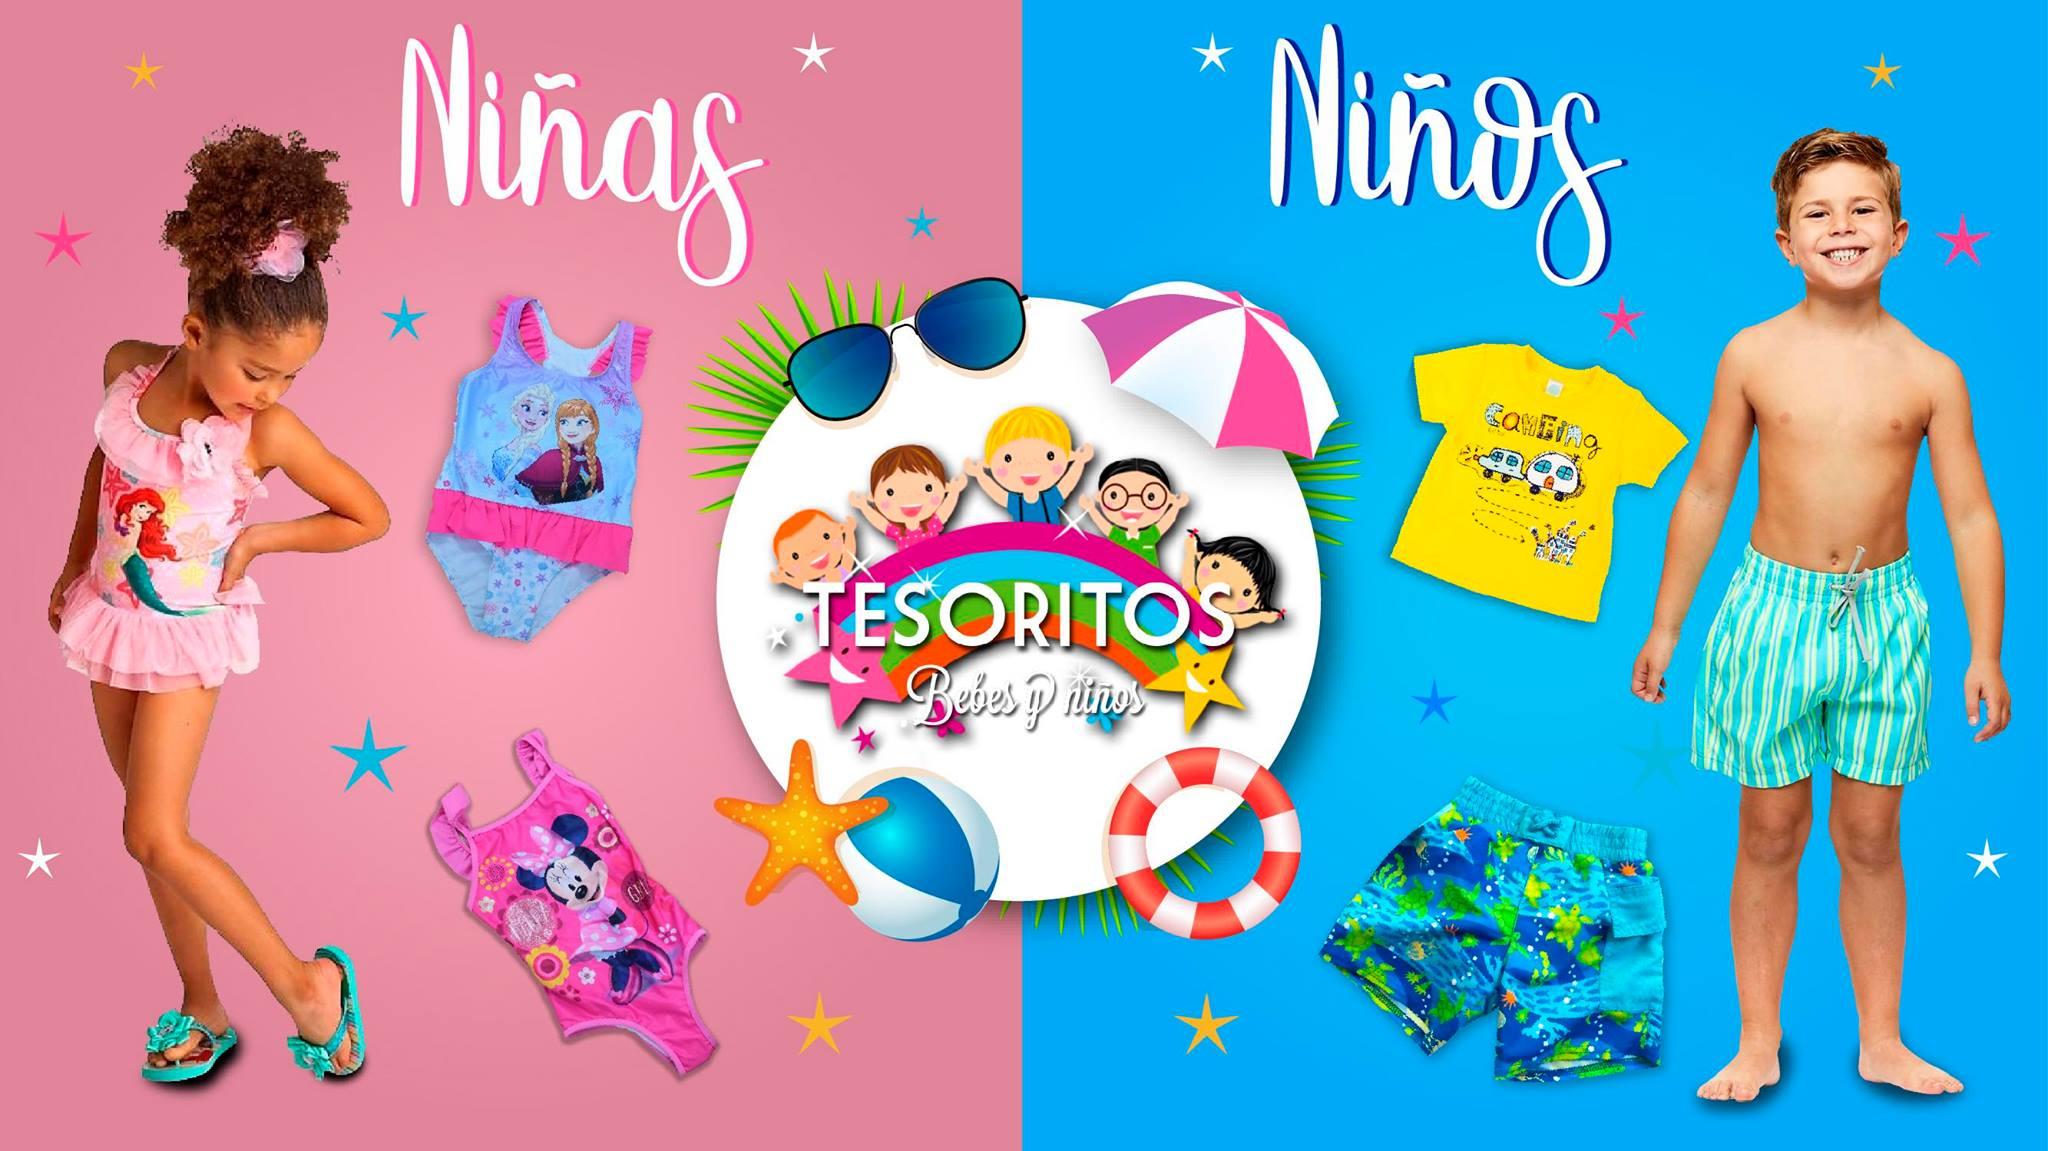 fb0ec1a66 Tesoritos Honduras – Ropa para niños y niñas las mejores marcas a los  mejores precios